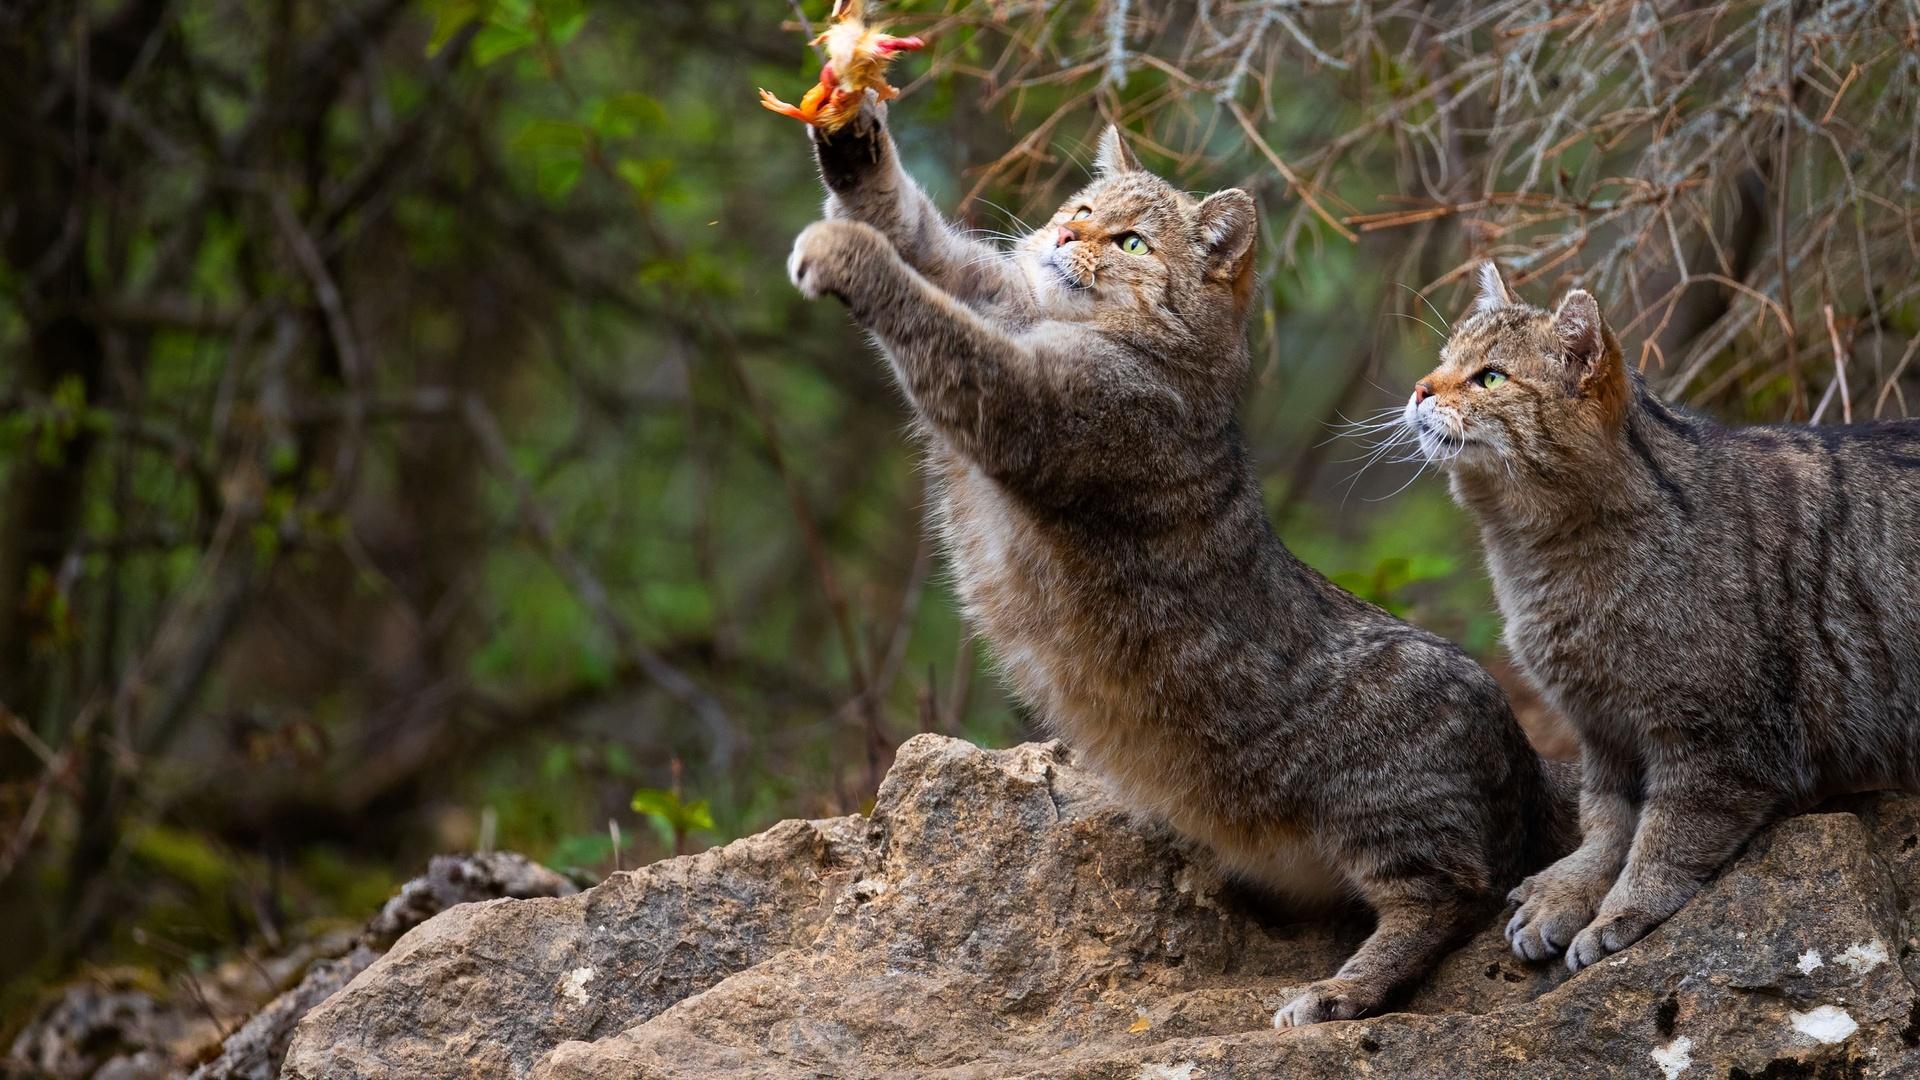 природа, лес, животные, дикие коты, коты, пара, камень, охота